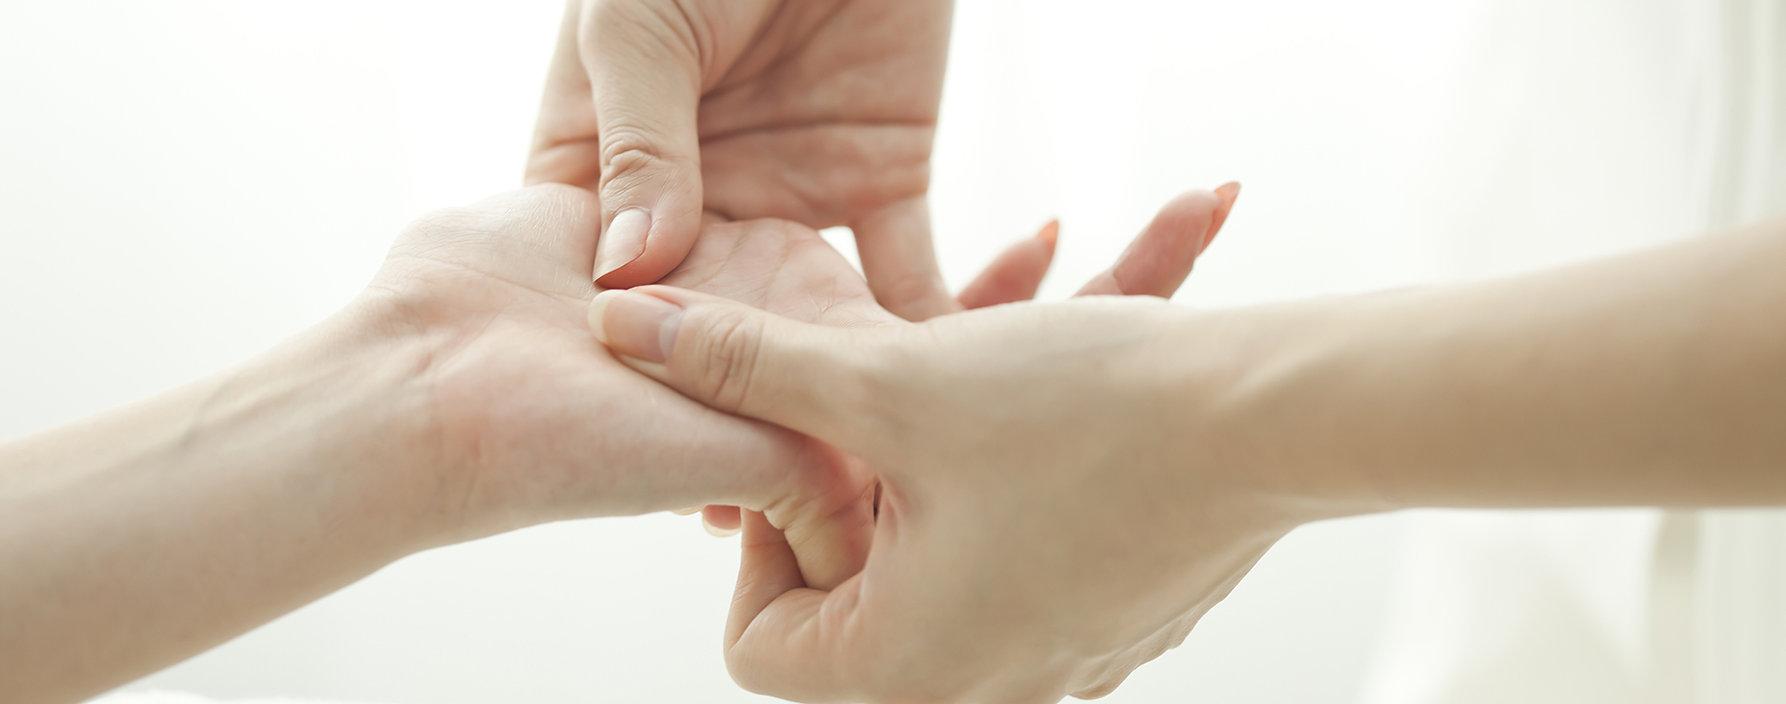 Pressure point massage 1